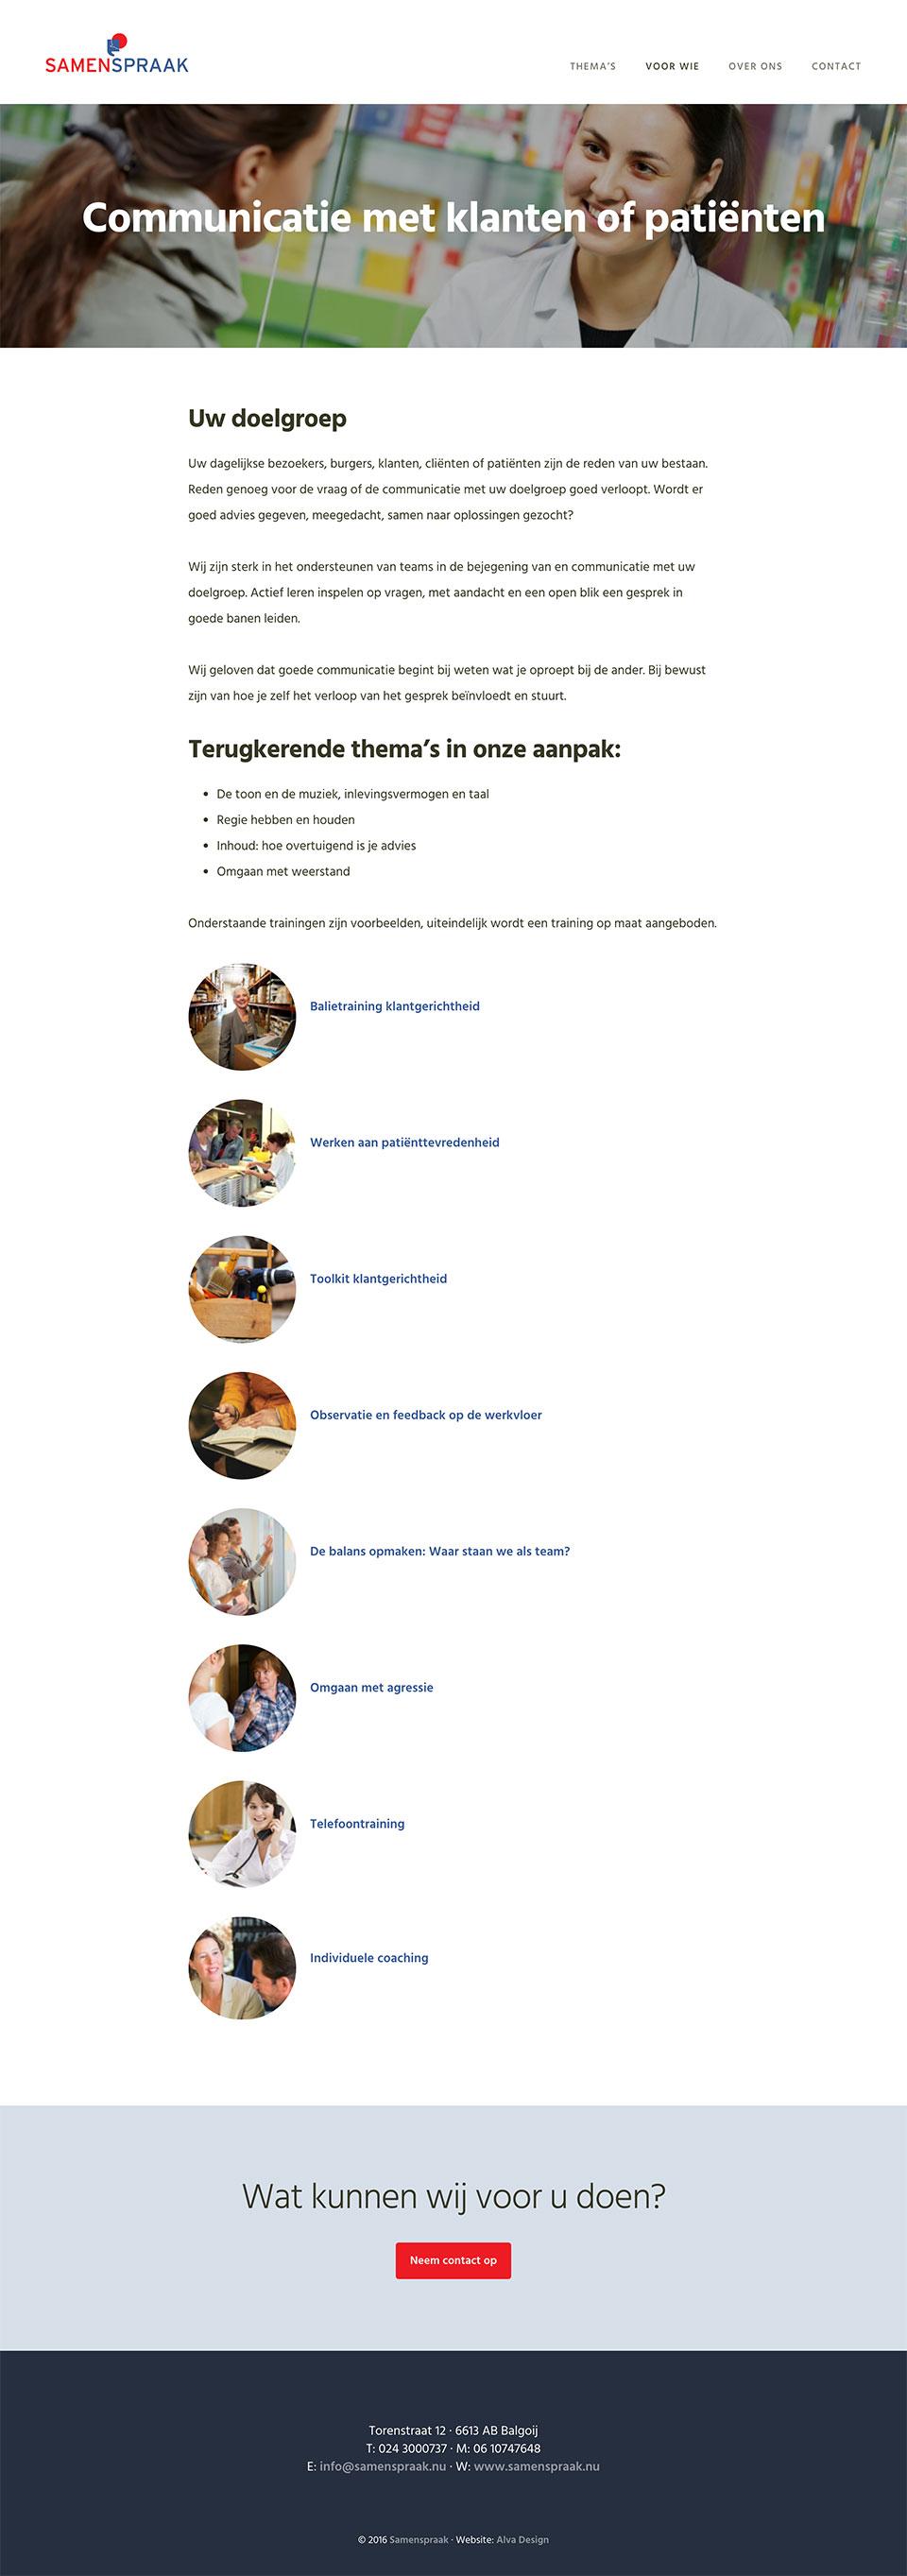 samenspraak-communicatie-met-klanten-of-patienten